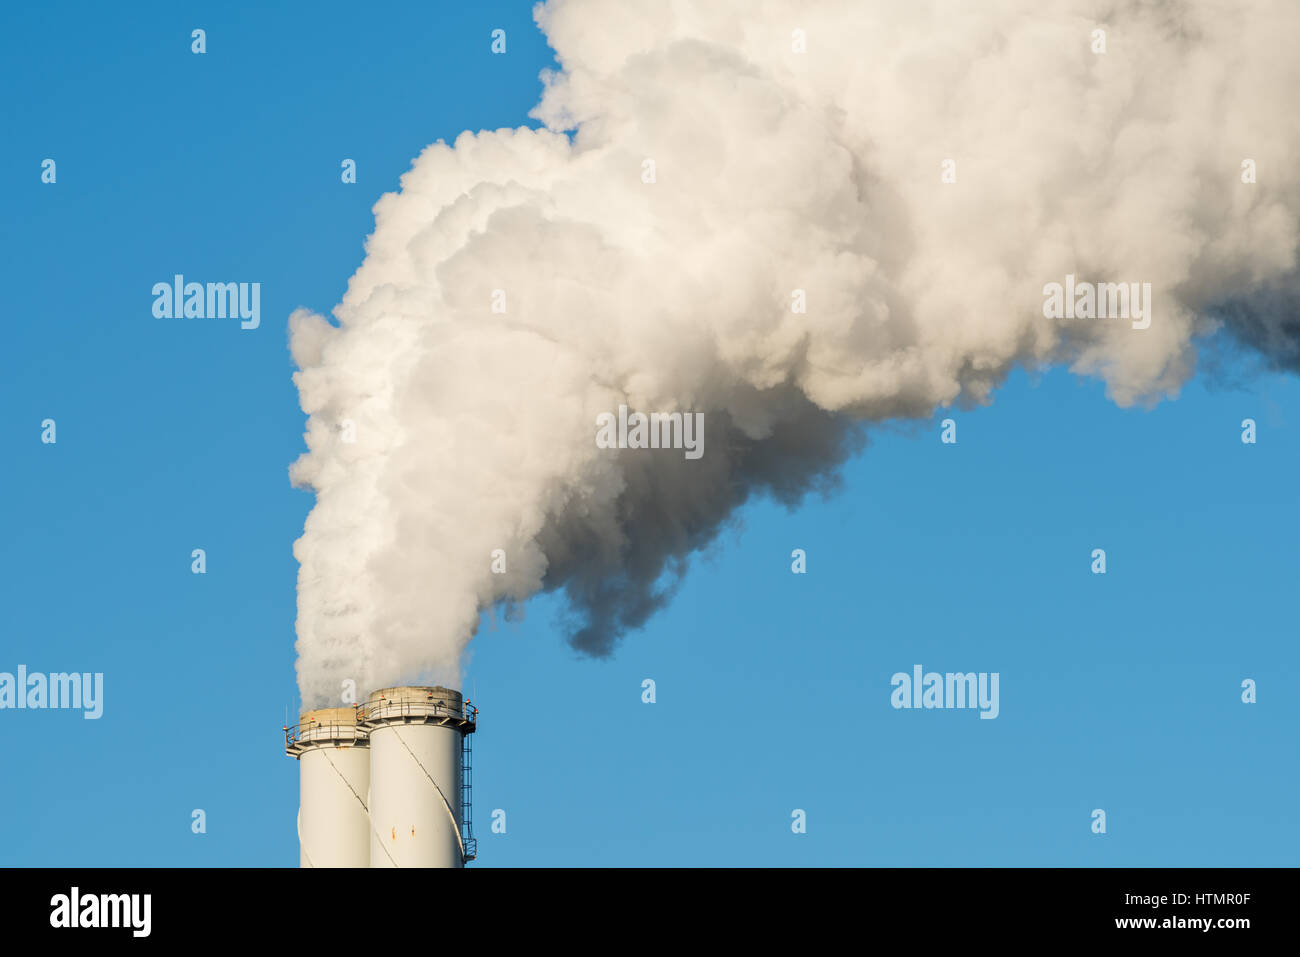 La tubazione di un impianto di centrali a carbone con il fumo bianco come il riscaldamento globale concetto. Immagini Stock